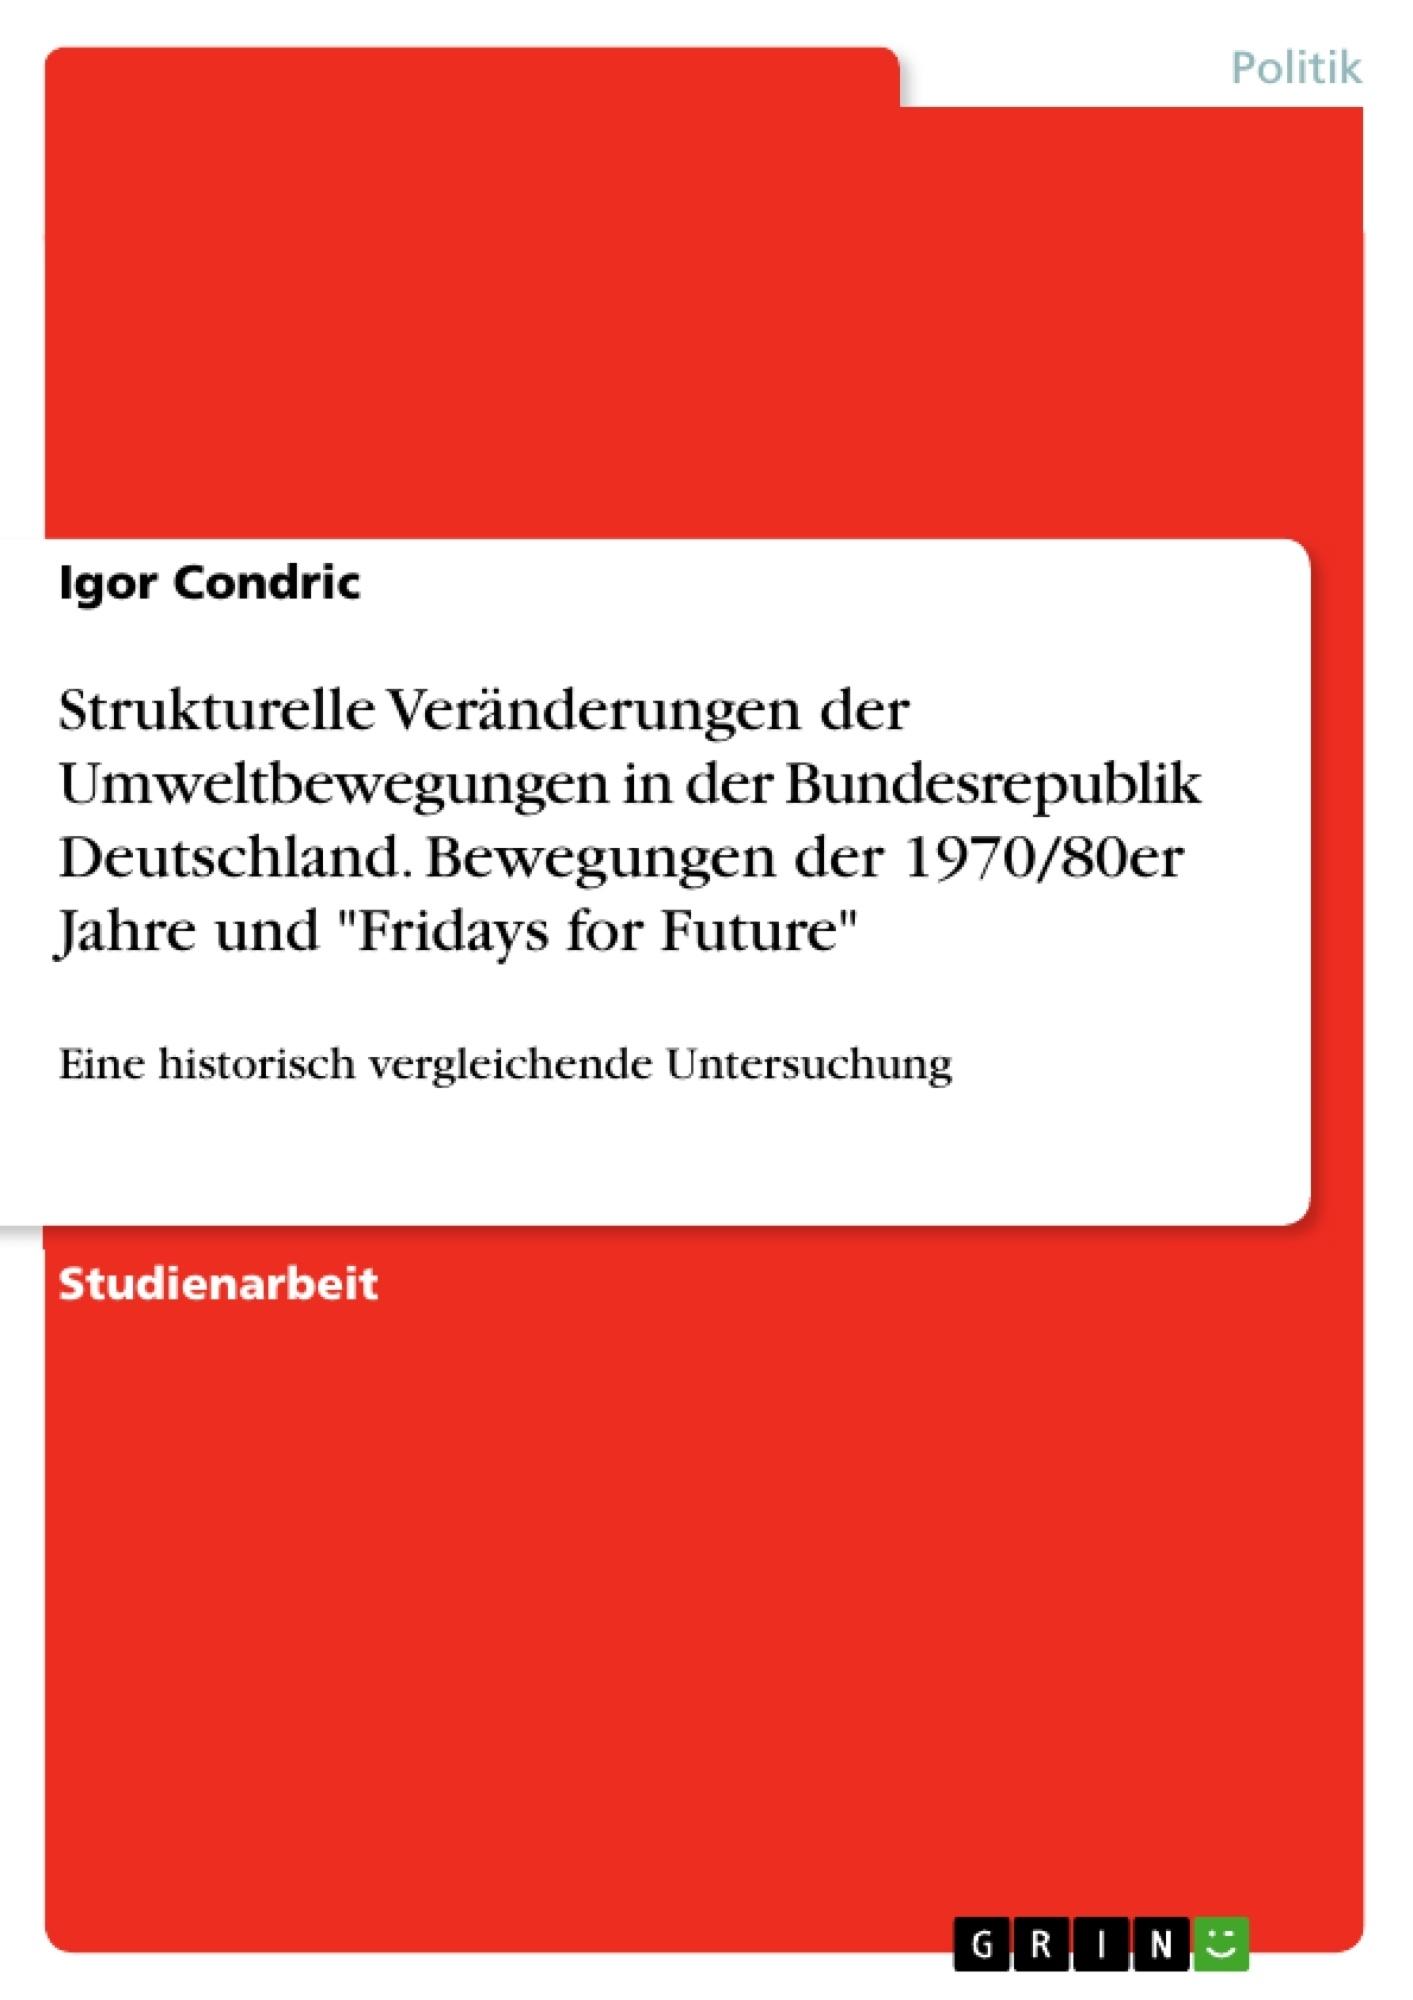 """Titel: Strukturelle Veränderungen der Umweltbewegungen in der Bundesrepublik Deutschland. Bewegungen der 1970/80er Jahre und """"Fridays for Future"""""""